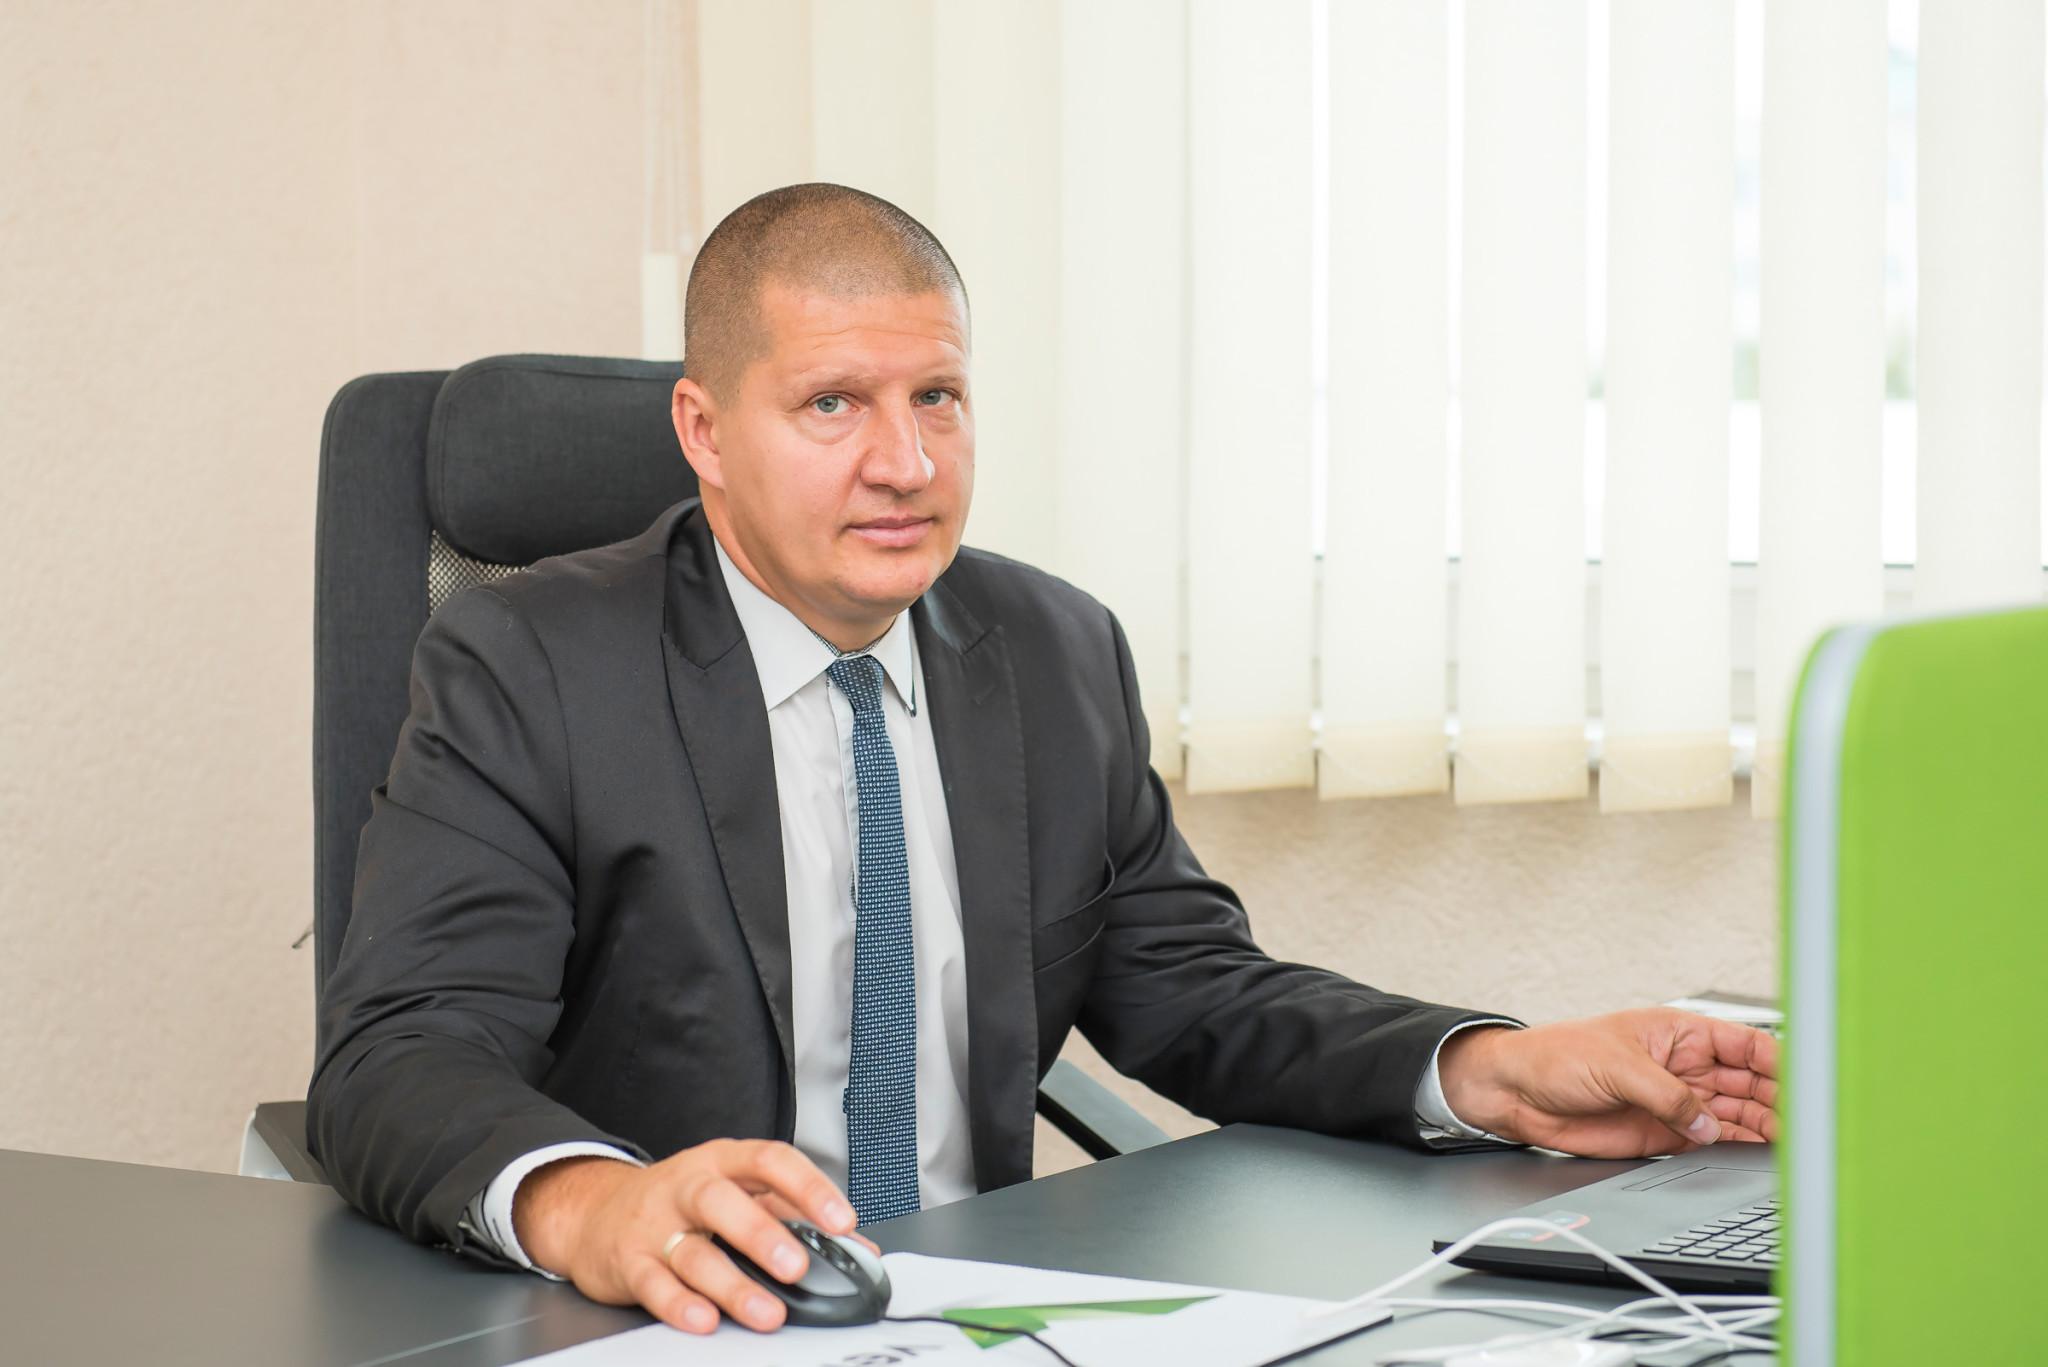 Damian Żelazny